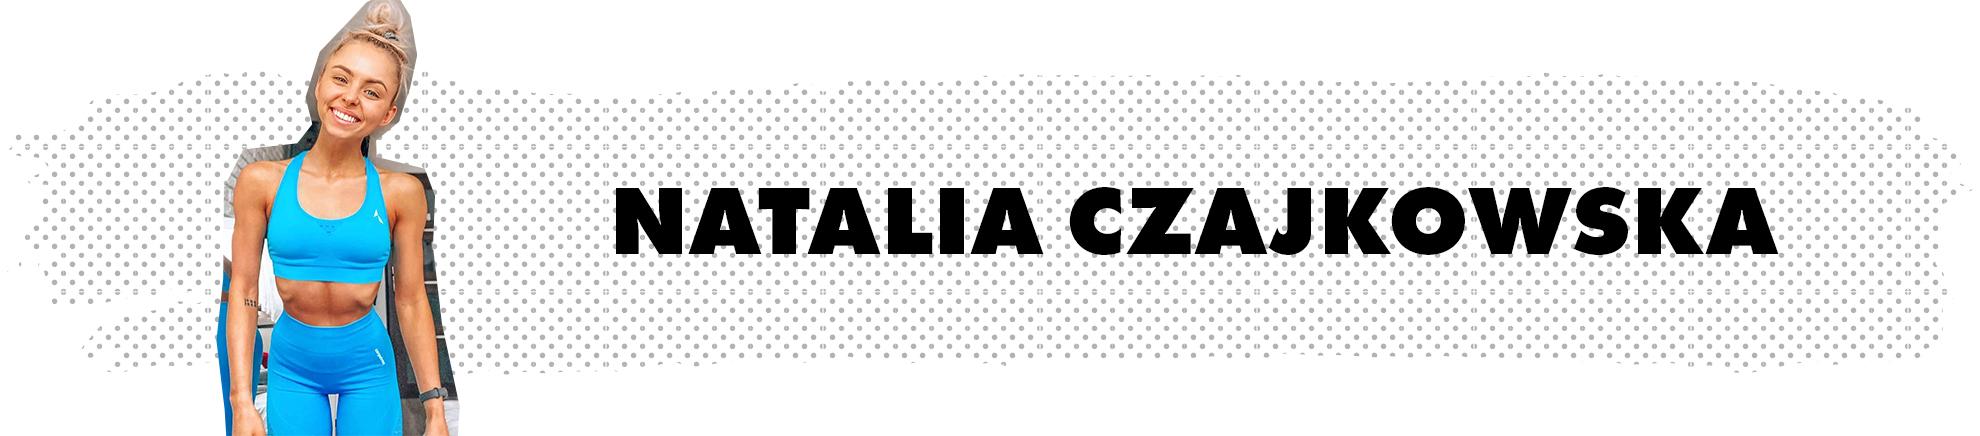 Natalia Czajkowska - Carpatree brand ambassador